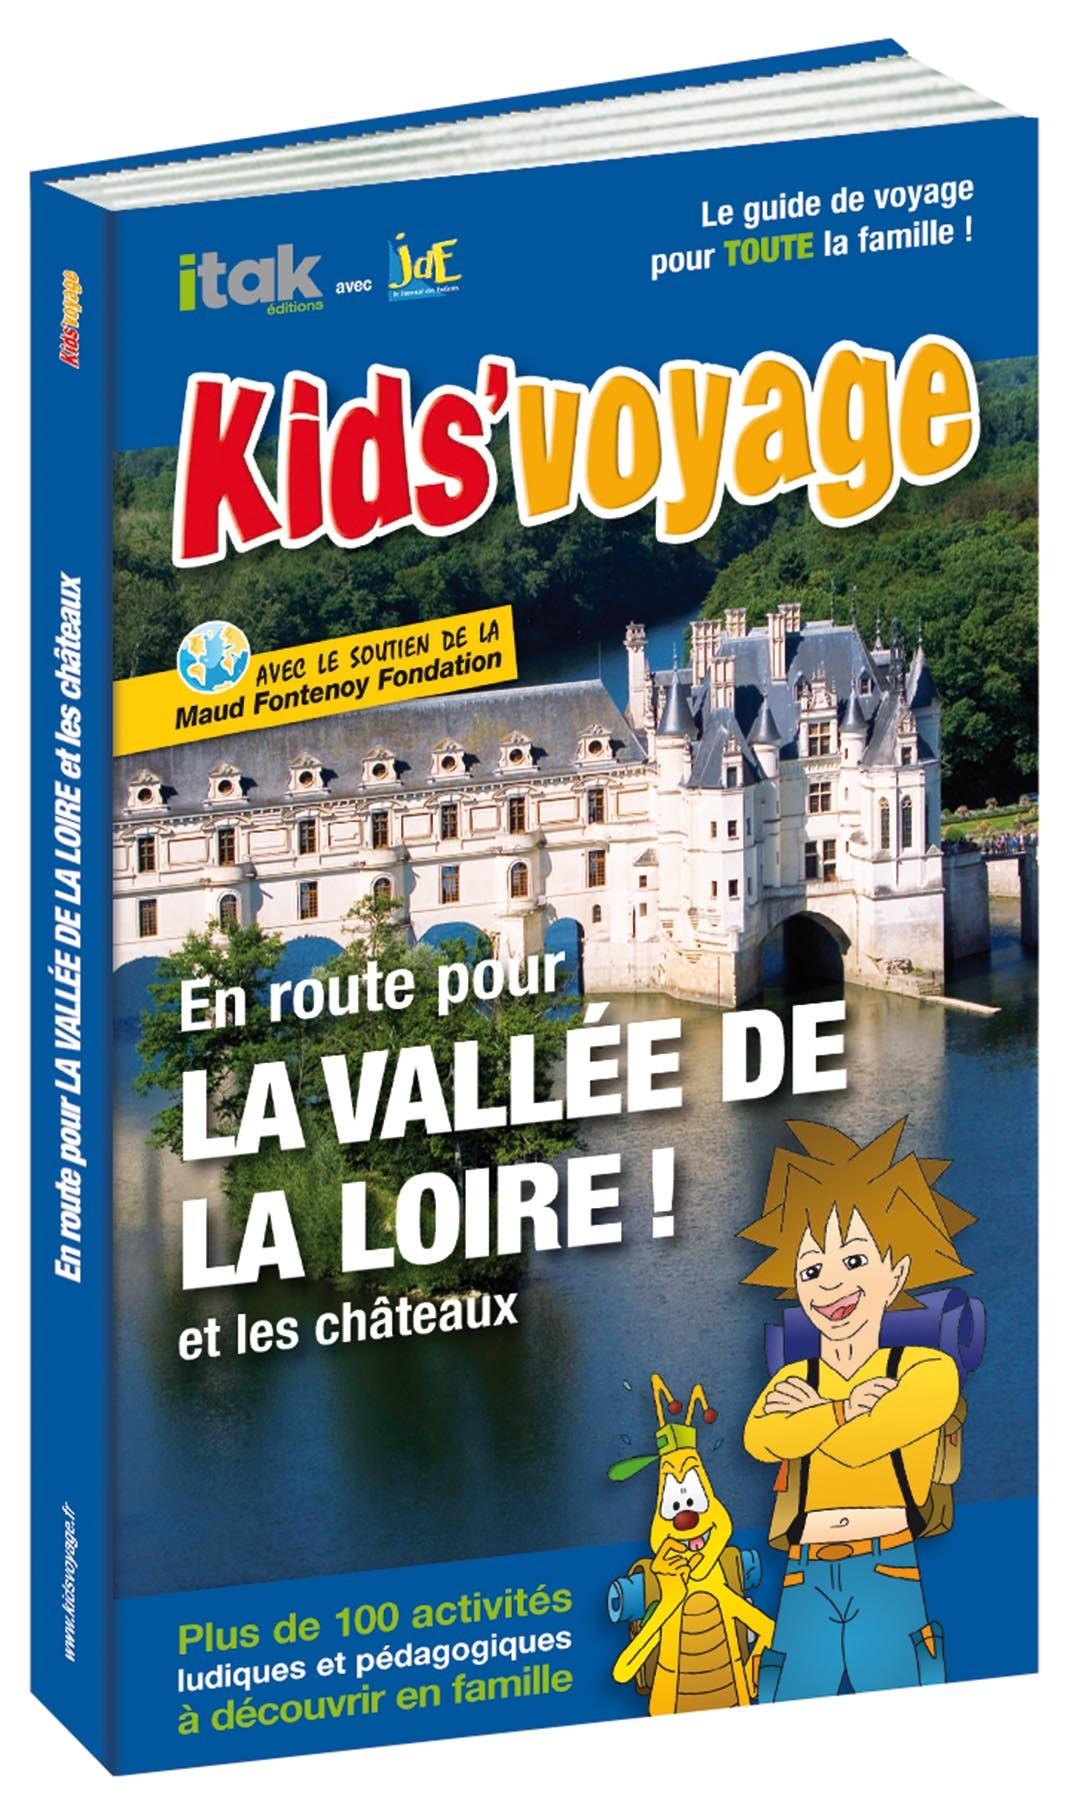 **EN ROUTE POUR LA VALLEE DE LA LOIRE ET CHATEAUX